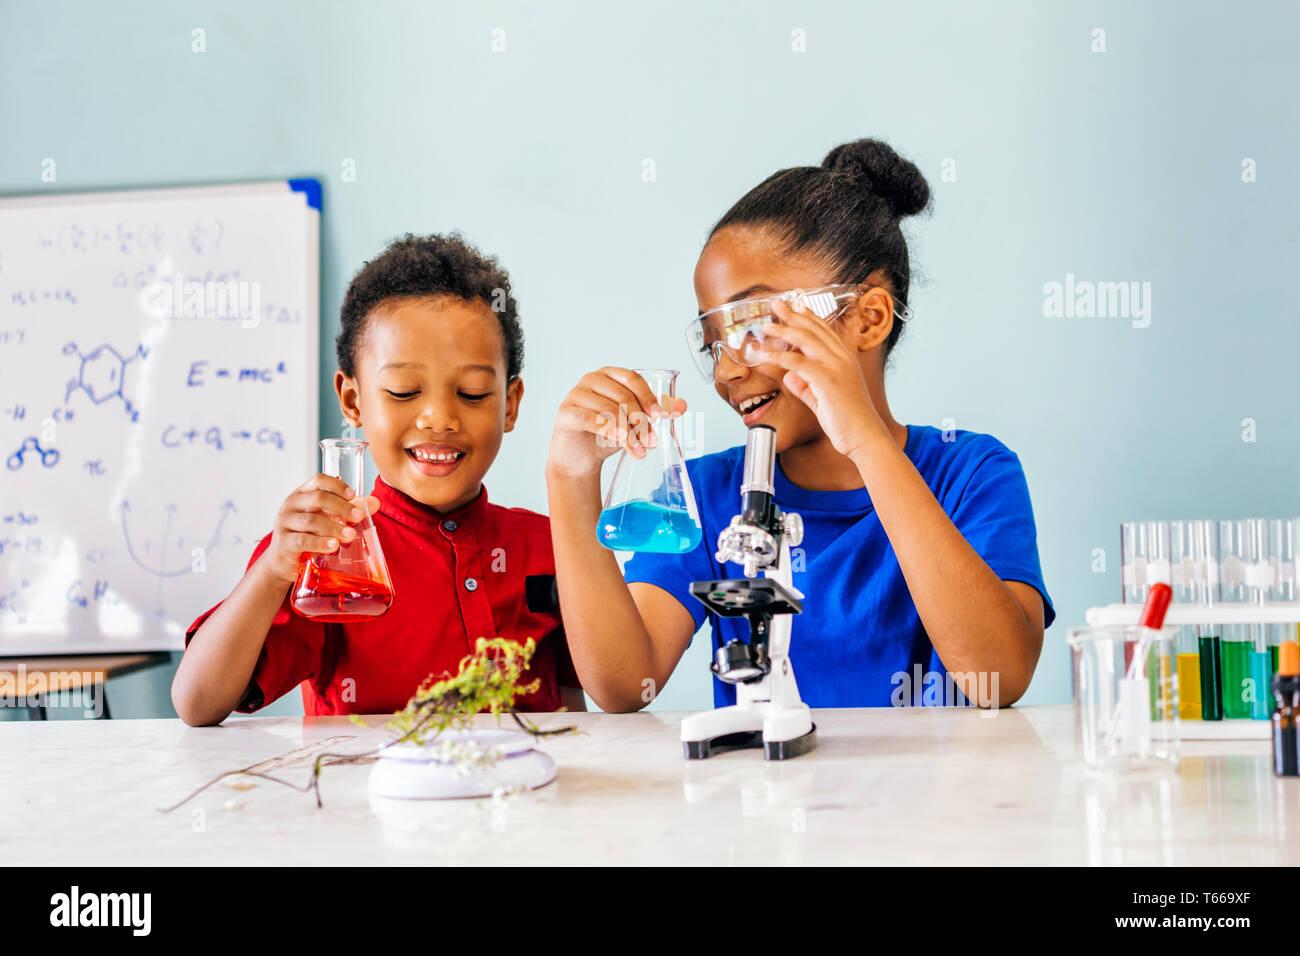 Deux enfants mixtes Afro-Américains et les tests de laboratoire de chimie holding tube verre ballon avec microscope et sourire en classe de sciences - concept Banque D'Images